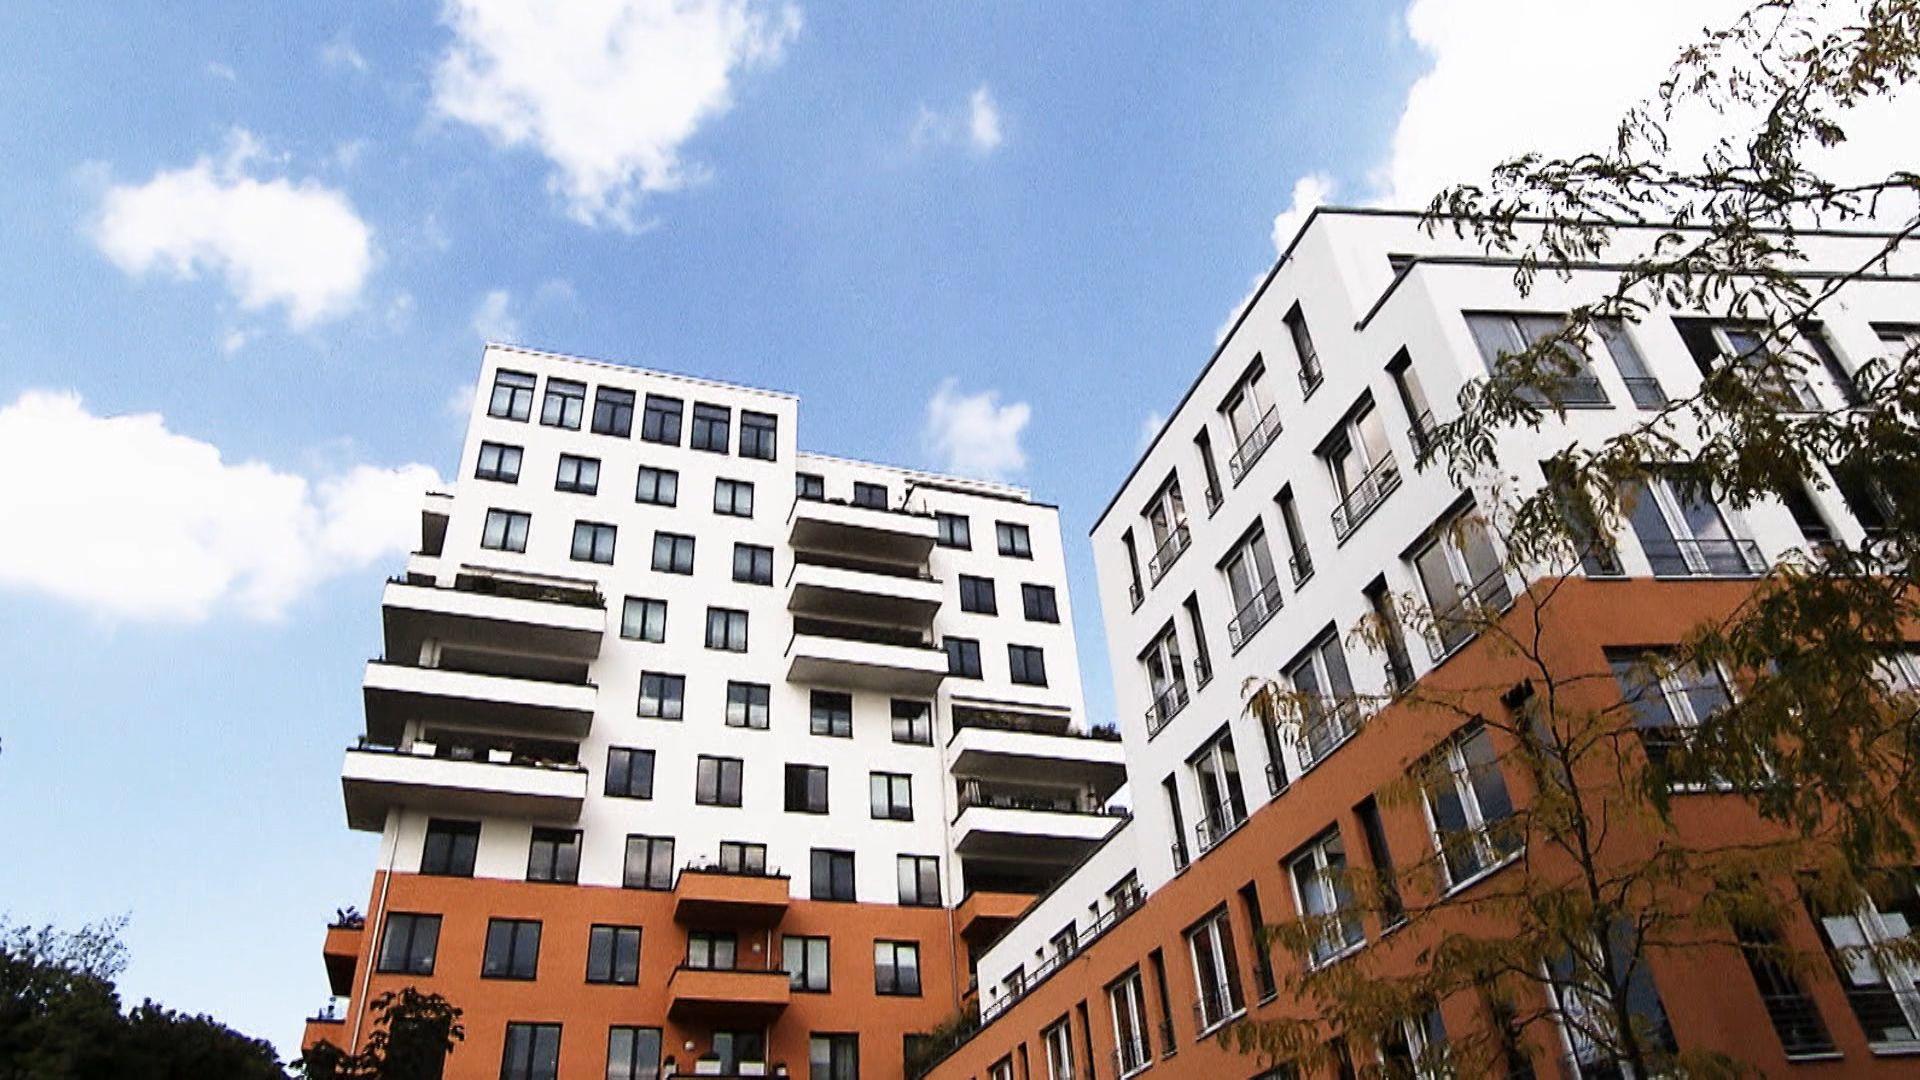 Wohnungen und Gebäude